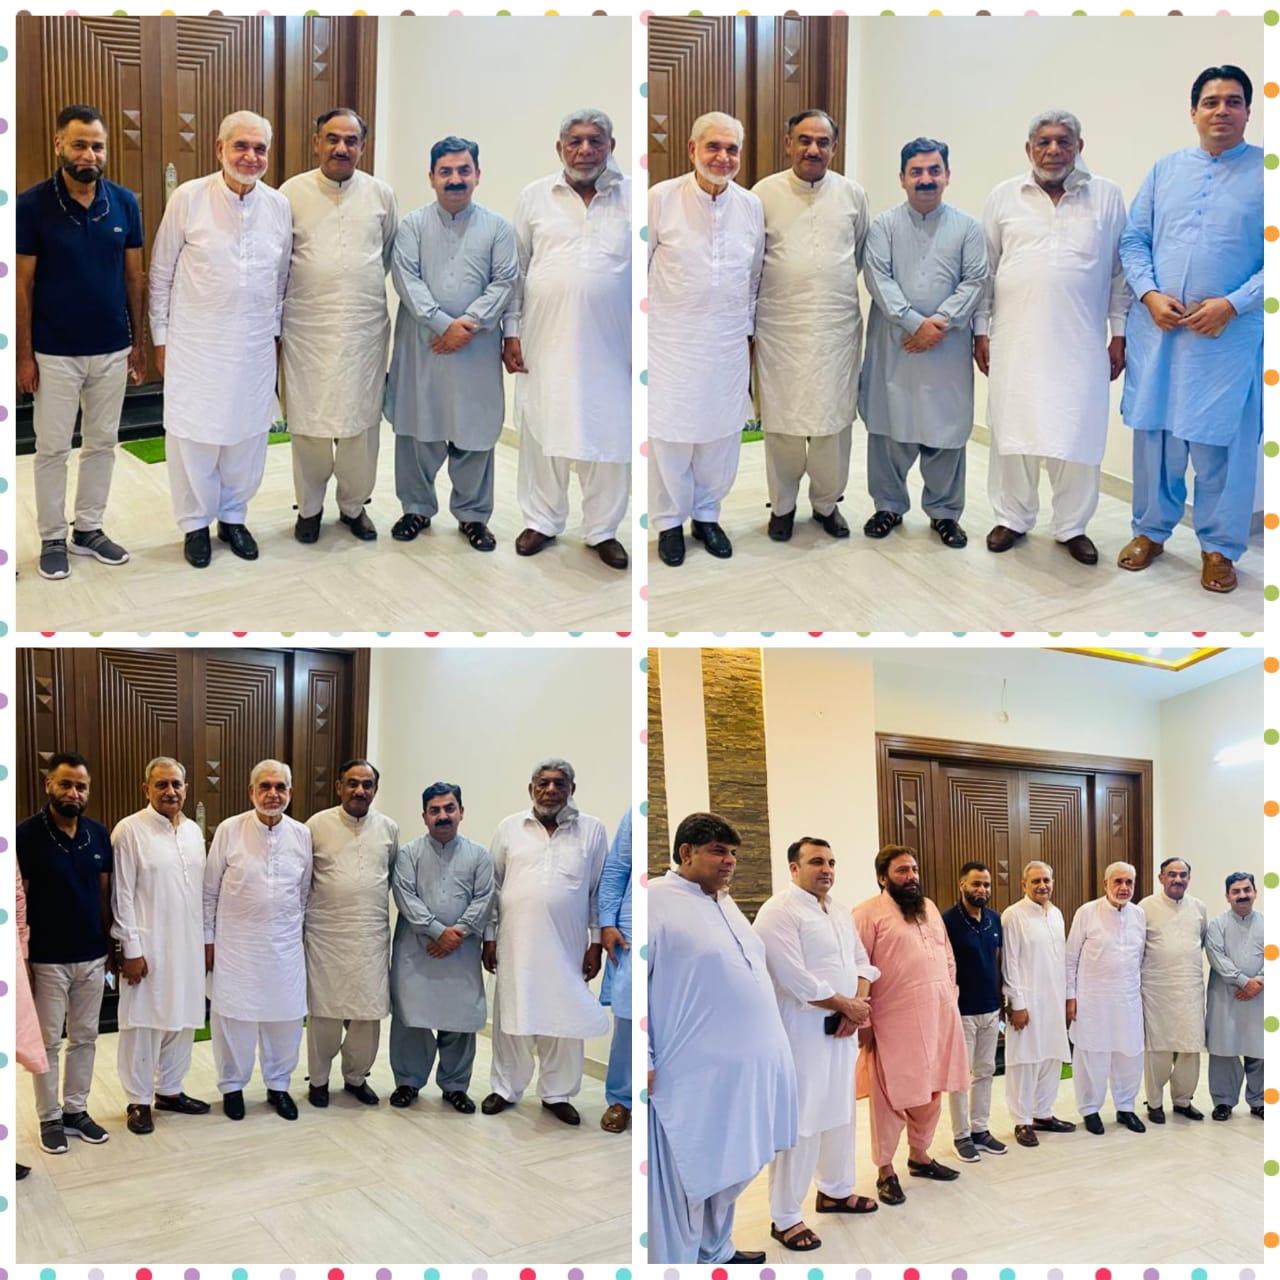 معروف قانون دان اور سابق صدر سپریم کورٹ بار کونسل محمد اکرم شیخ کی آمد